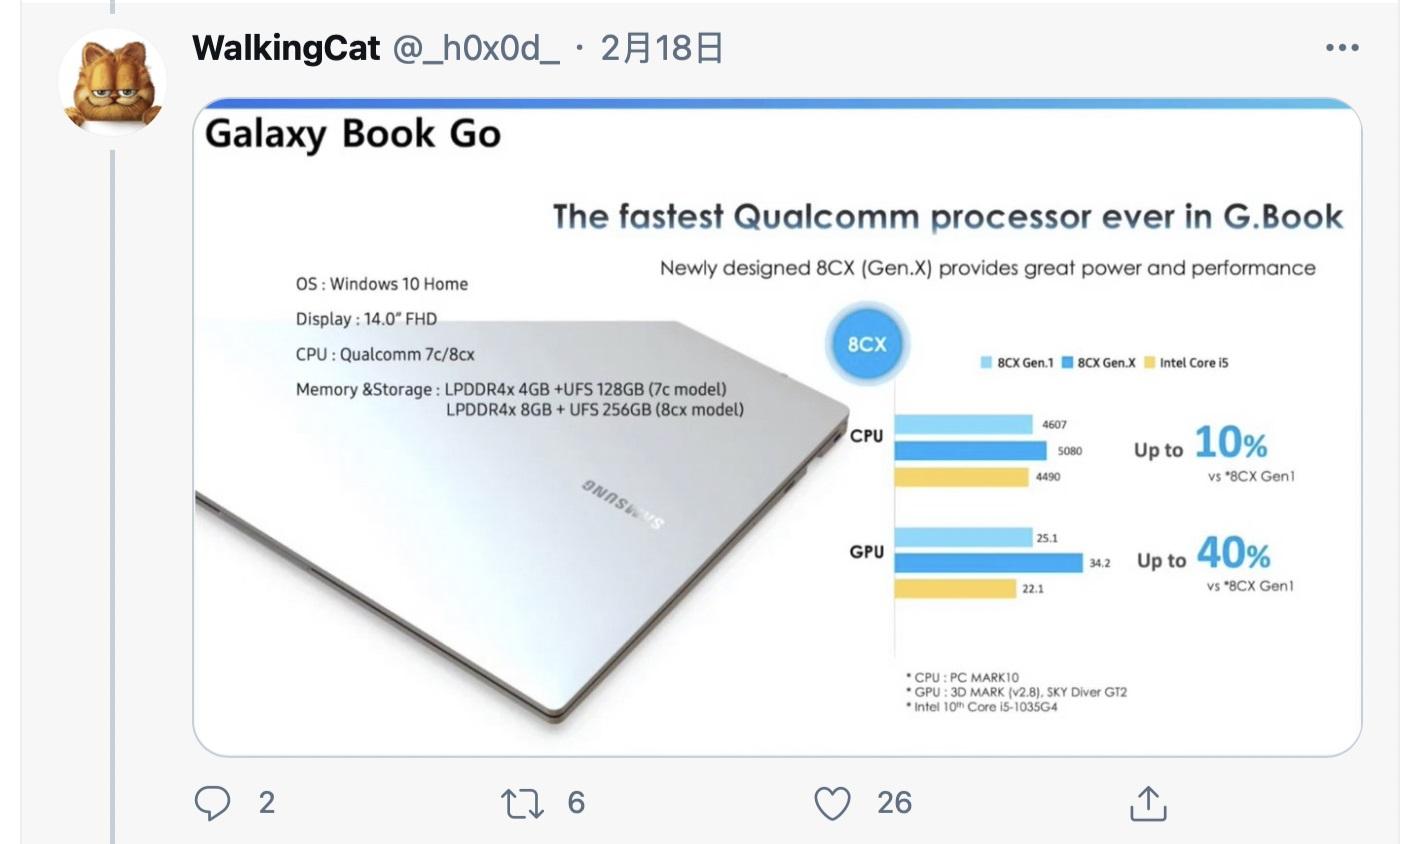 三星即将发布 Galaxy Book Go 笔记本,搭载骁龙 8cx Gen X插图(1)